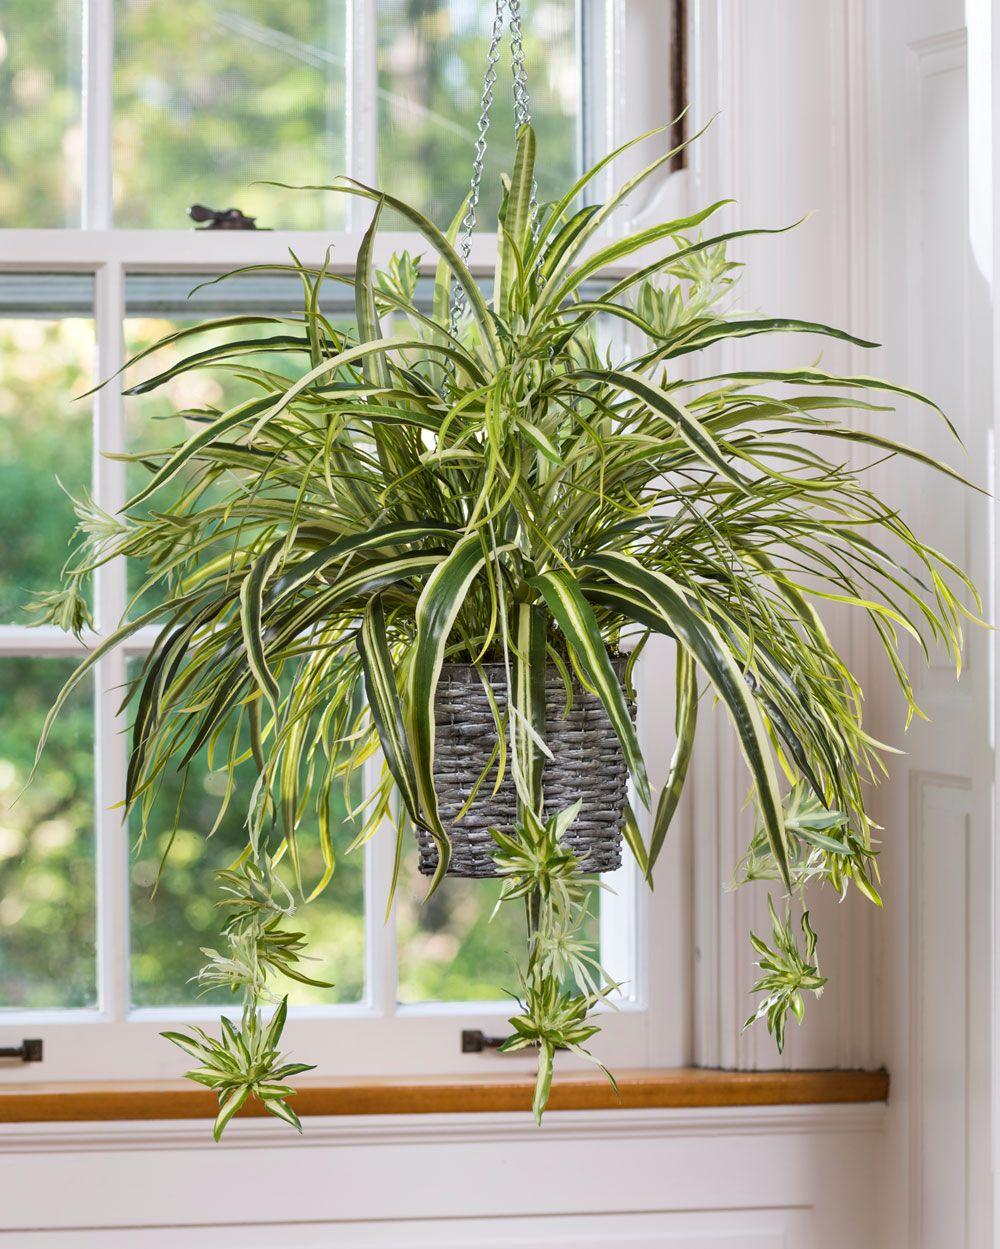 15 Best Low Light Indoor Plants Hanging plants, Best